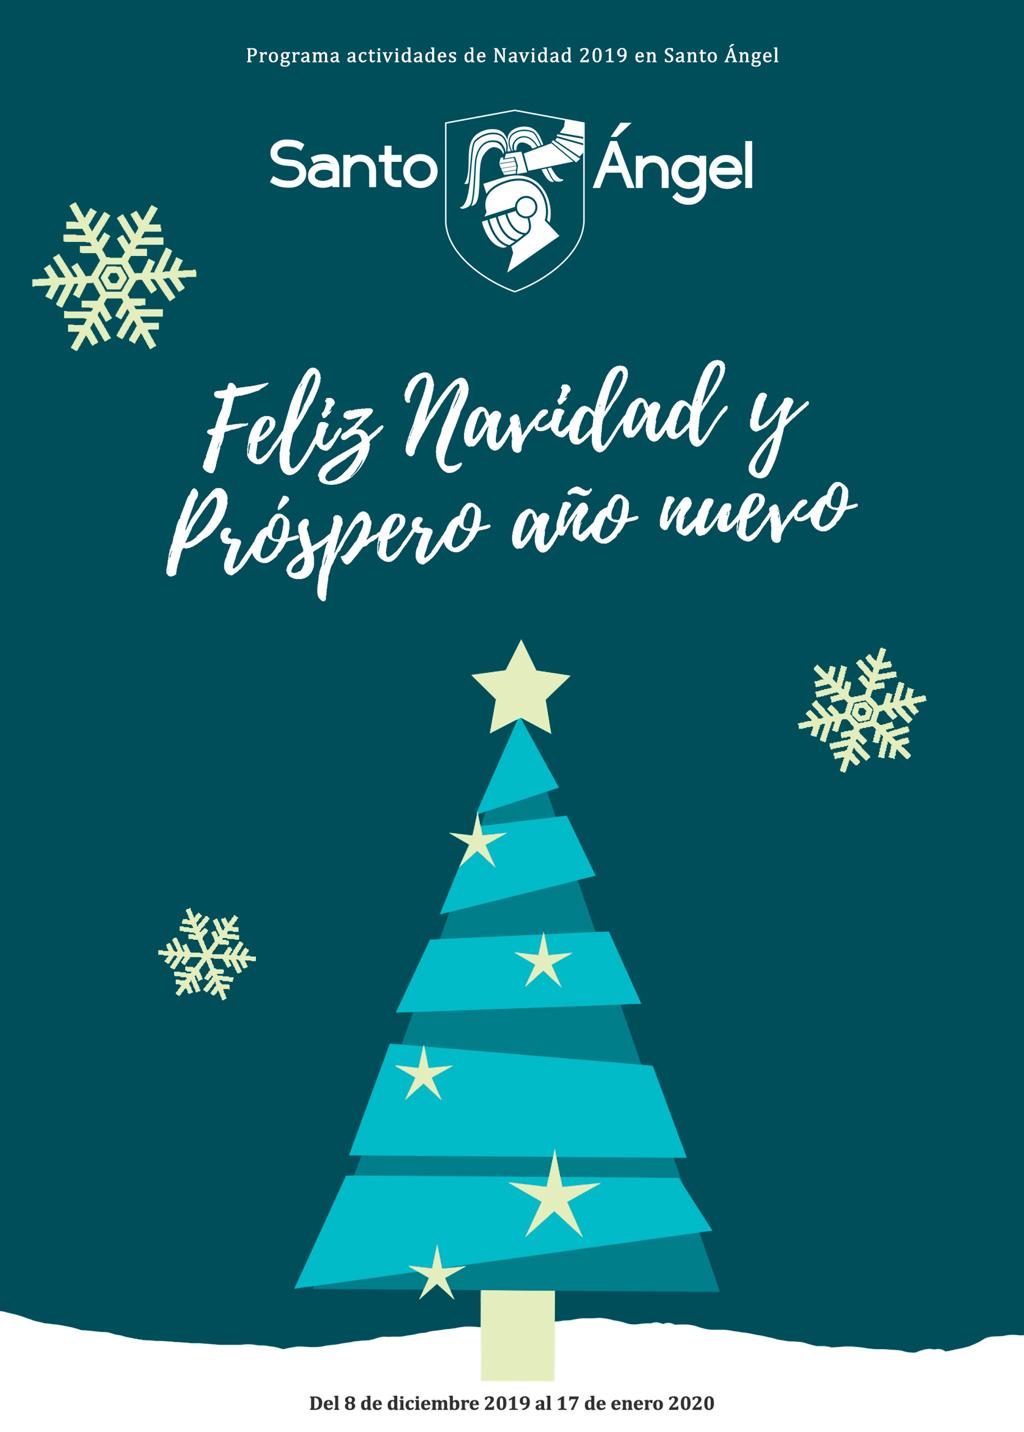 Programa actividades navidad 2019